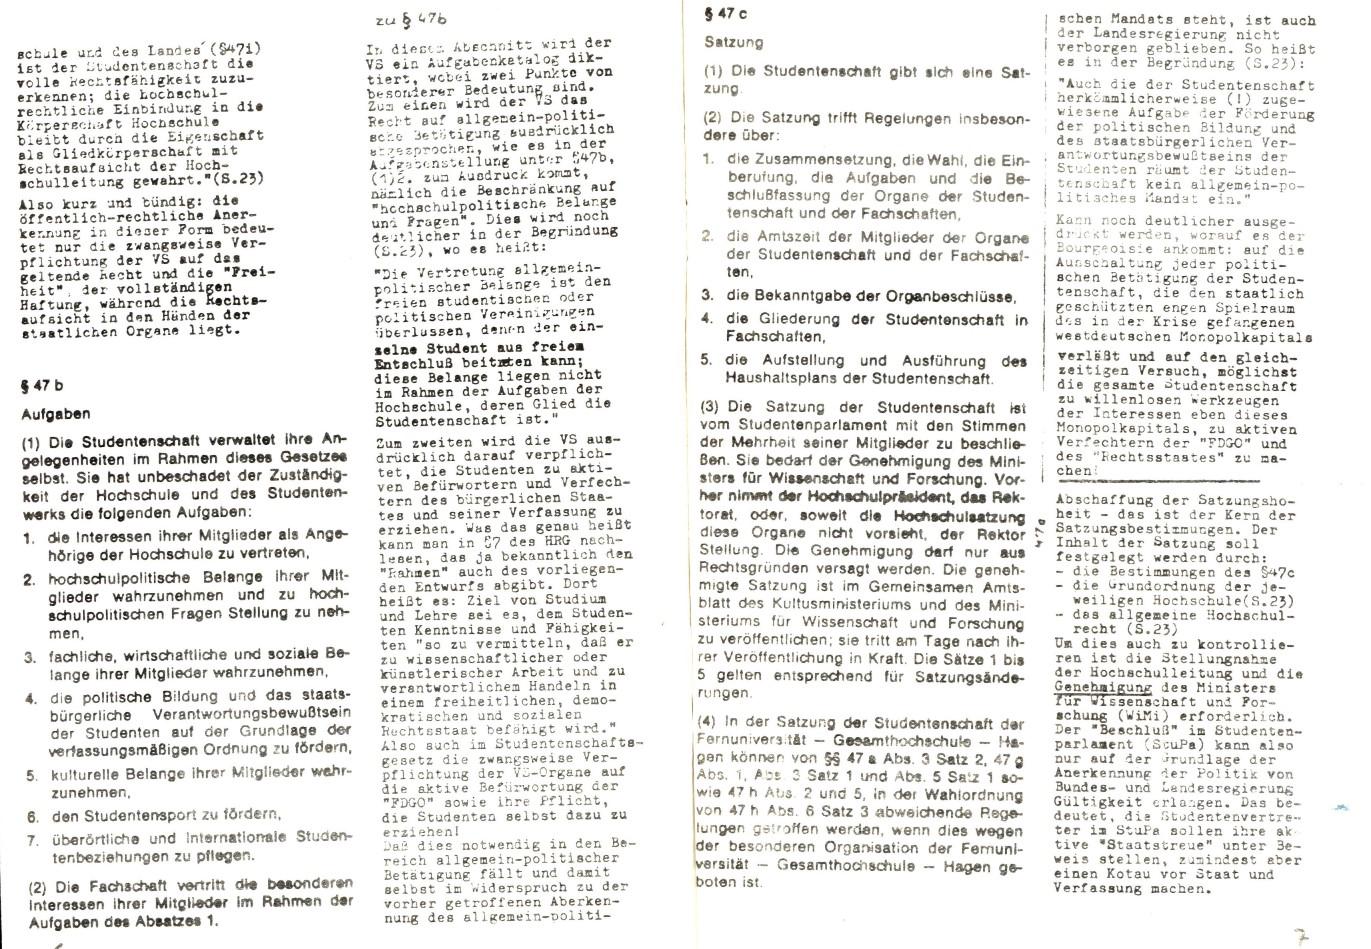 NRW_KSV_1977_Studentenschaftsgesetz_04